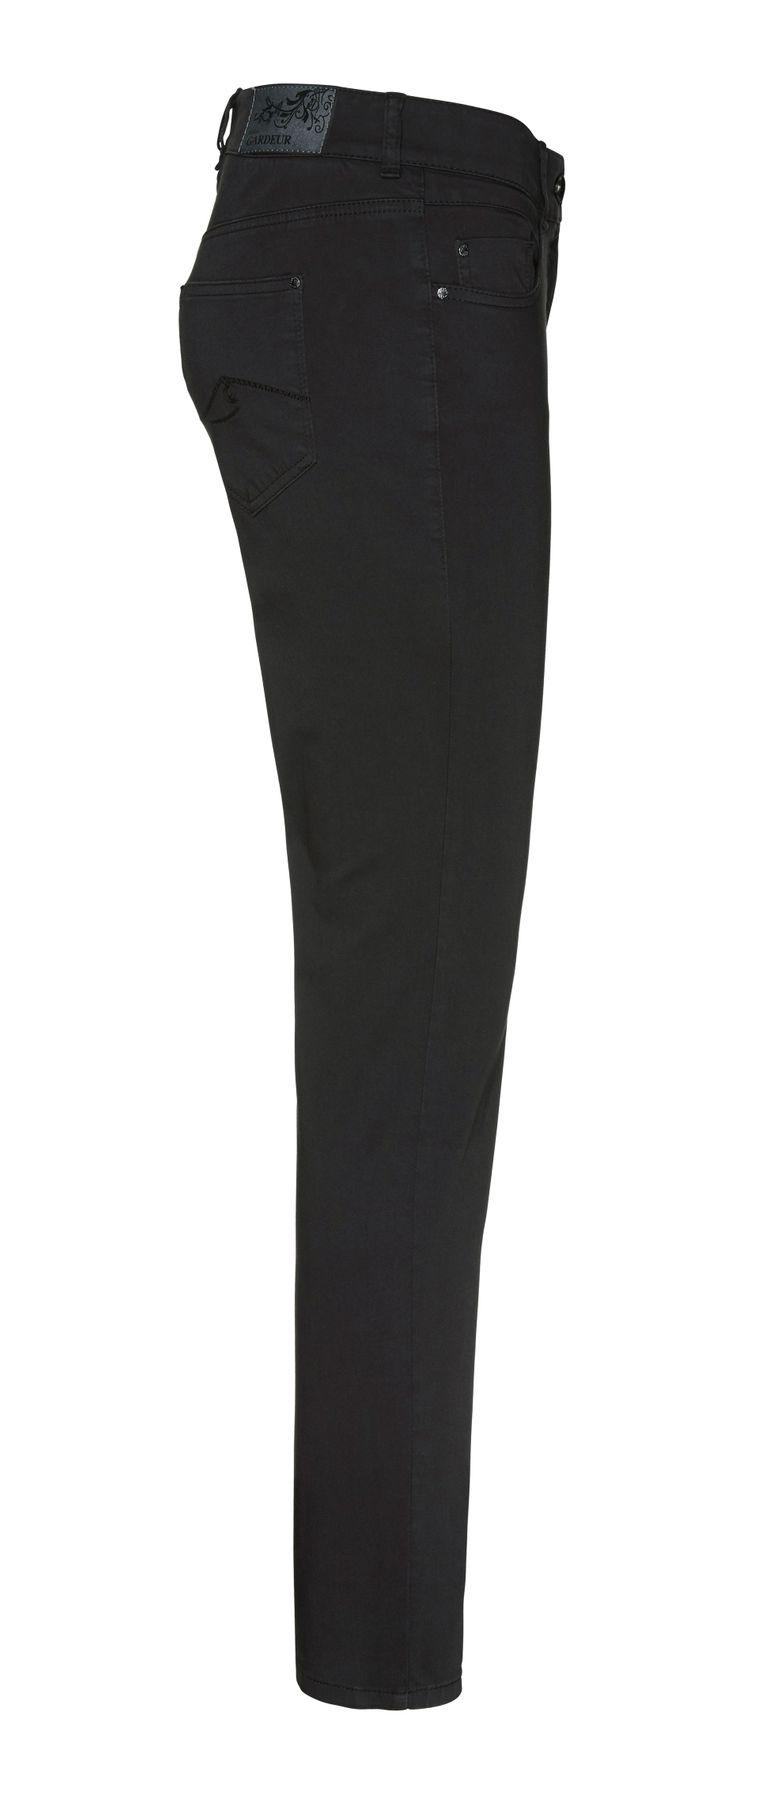 Atelier Gardeur - Slim Fit - Damen 5-Pocket aus Baumwollsatin, verschiedene Farben - Zuri (080501) – Bild 8